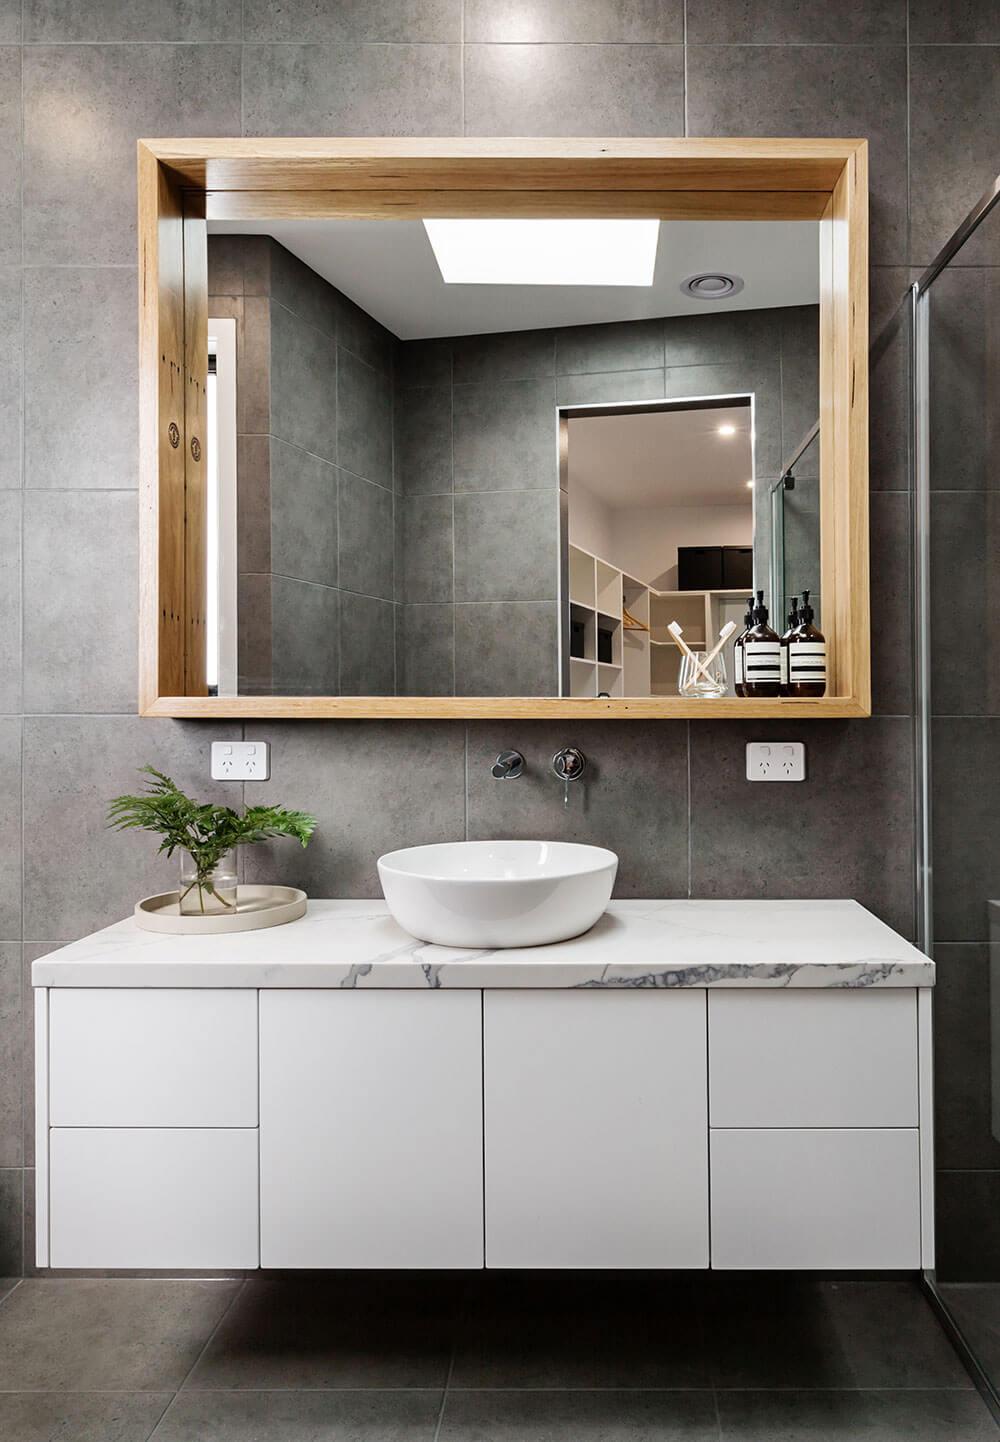 Elwood Main Bathroom renovation